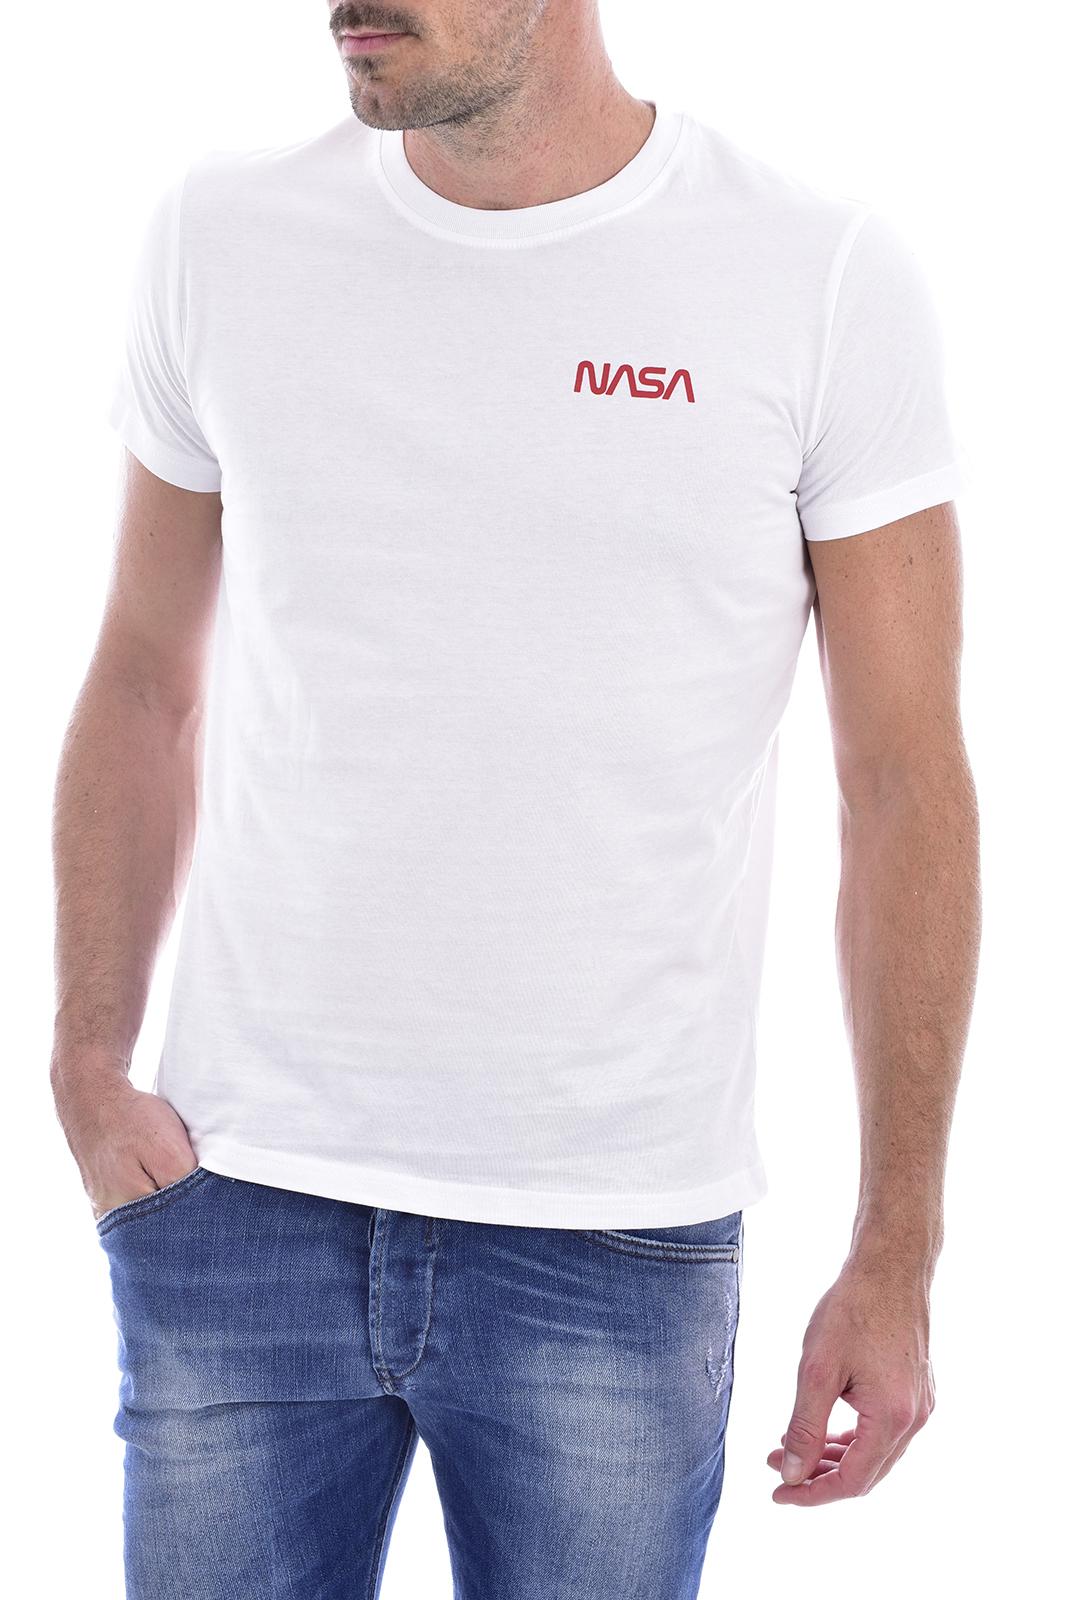 T-S manches courtes  Nasa BASIC WORM O NECK WHITE